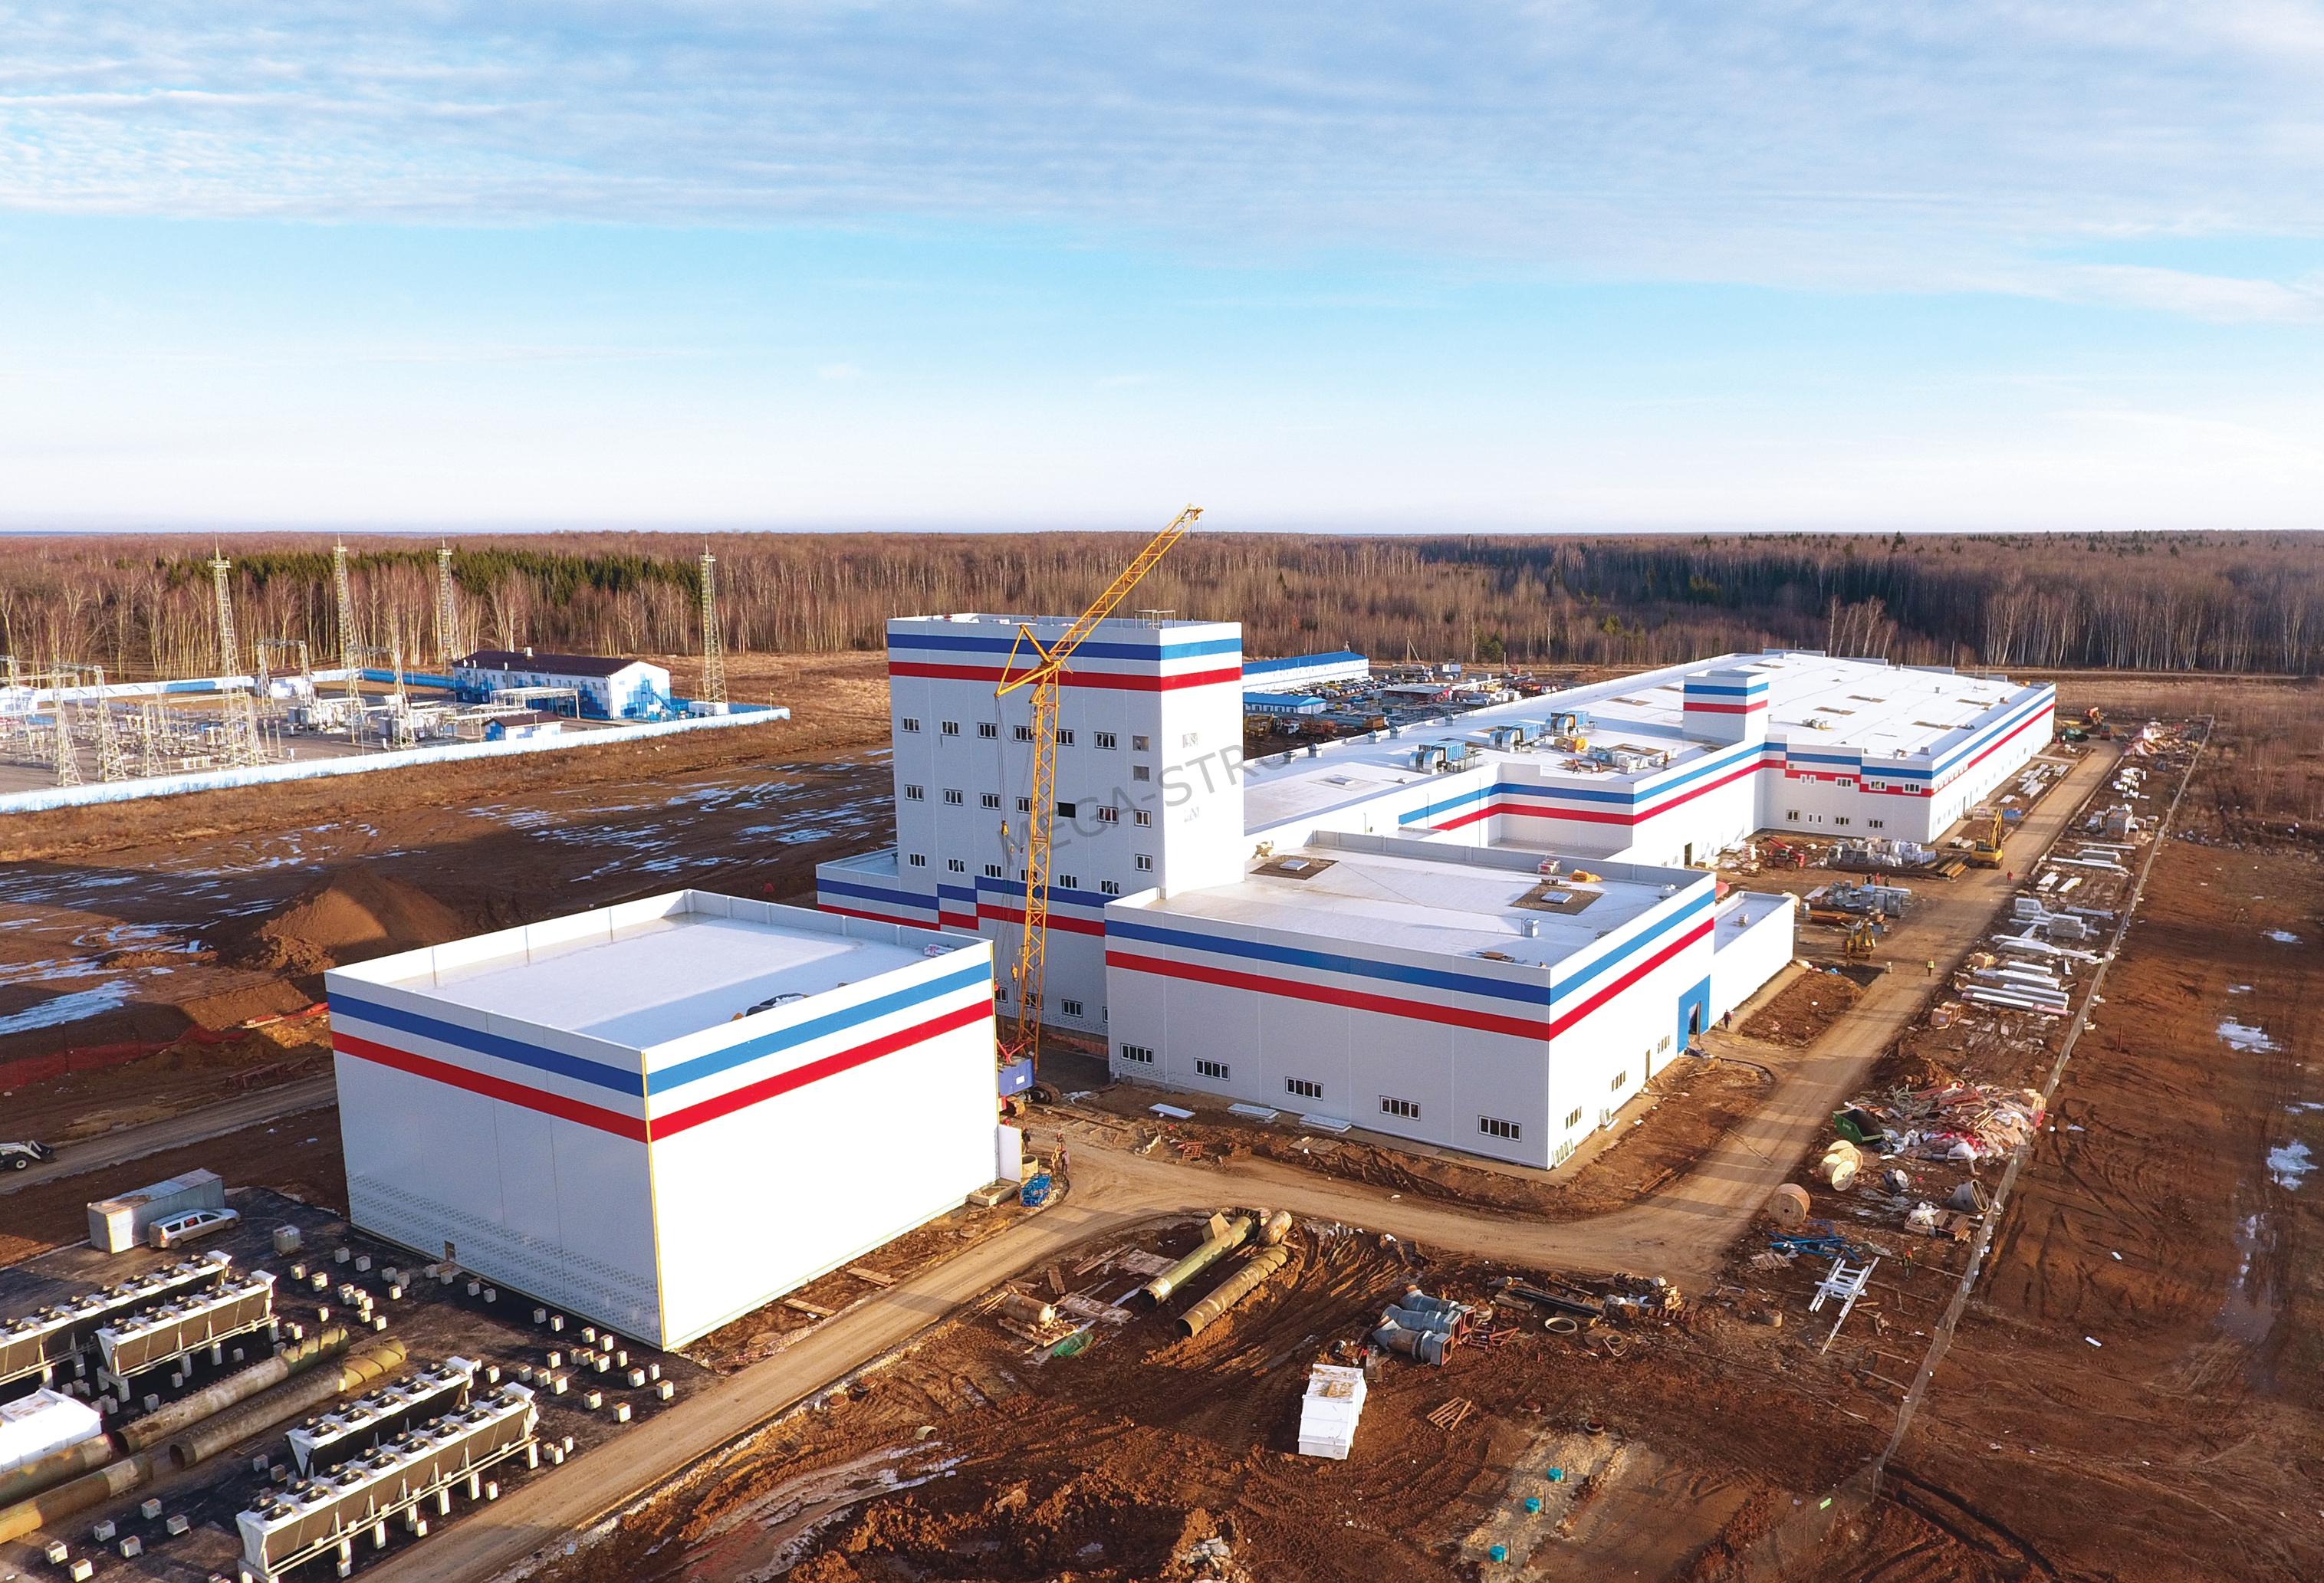 МЕГА-СТРОЙ – производственно-складской комплекс FLEX FILMS RUS